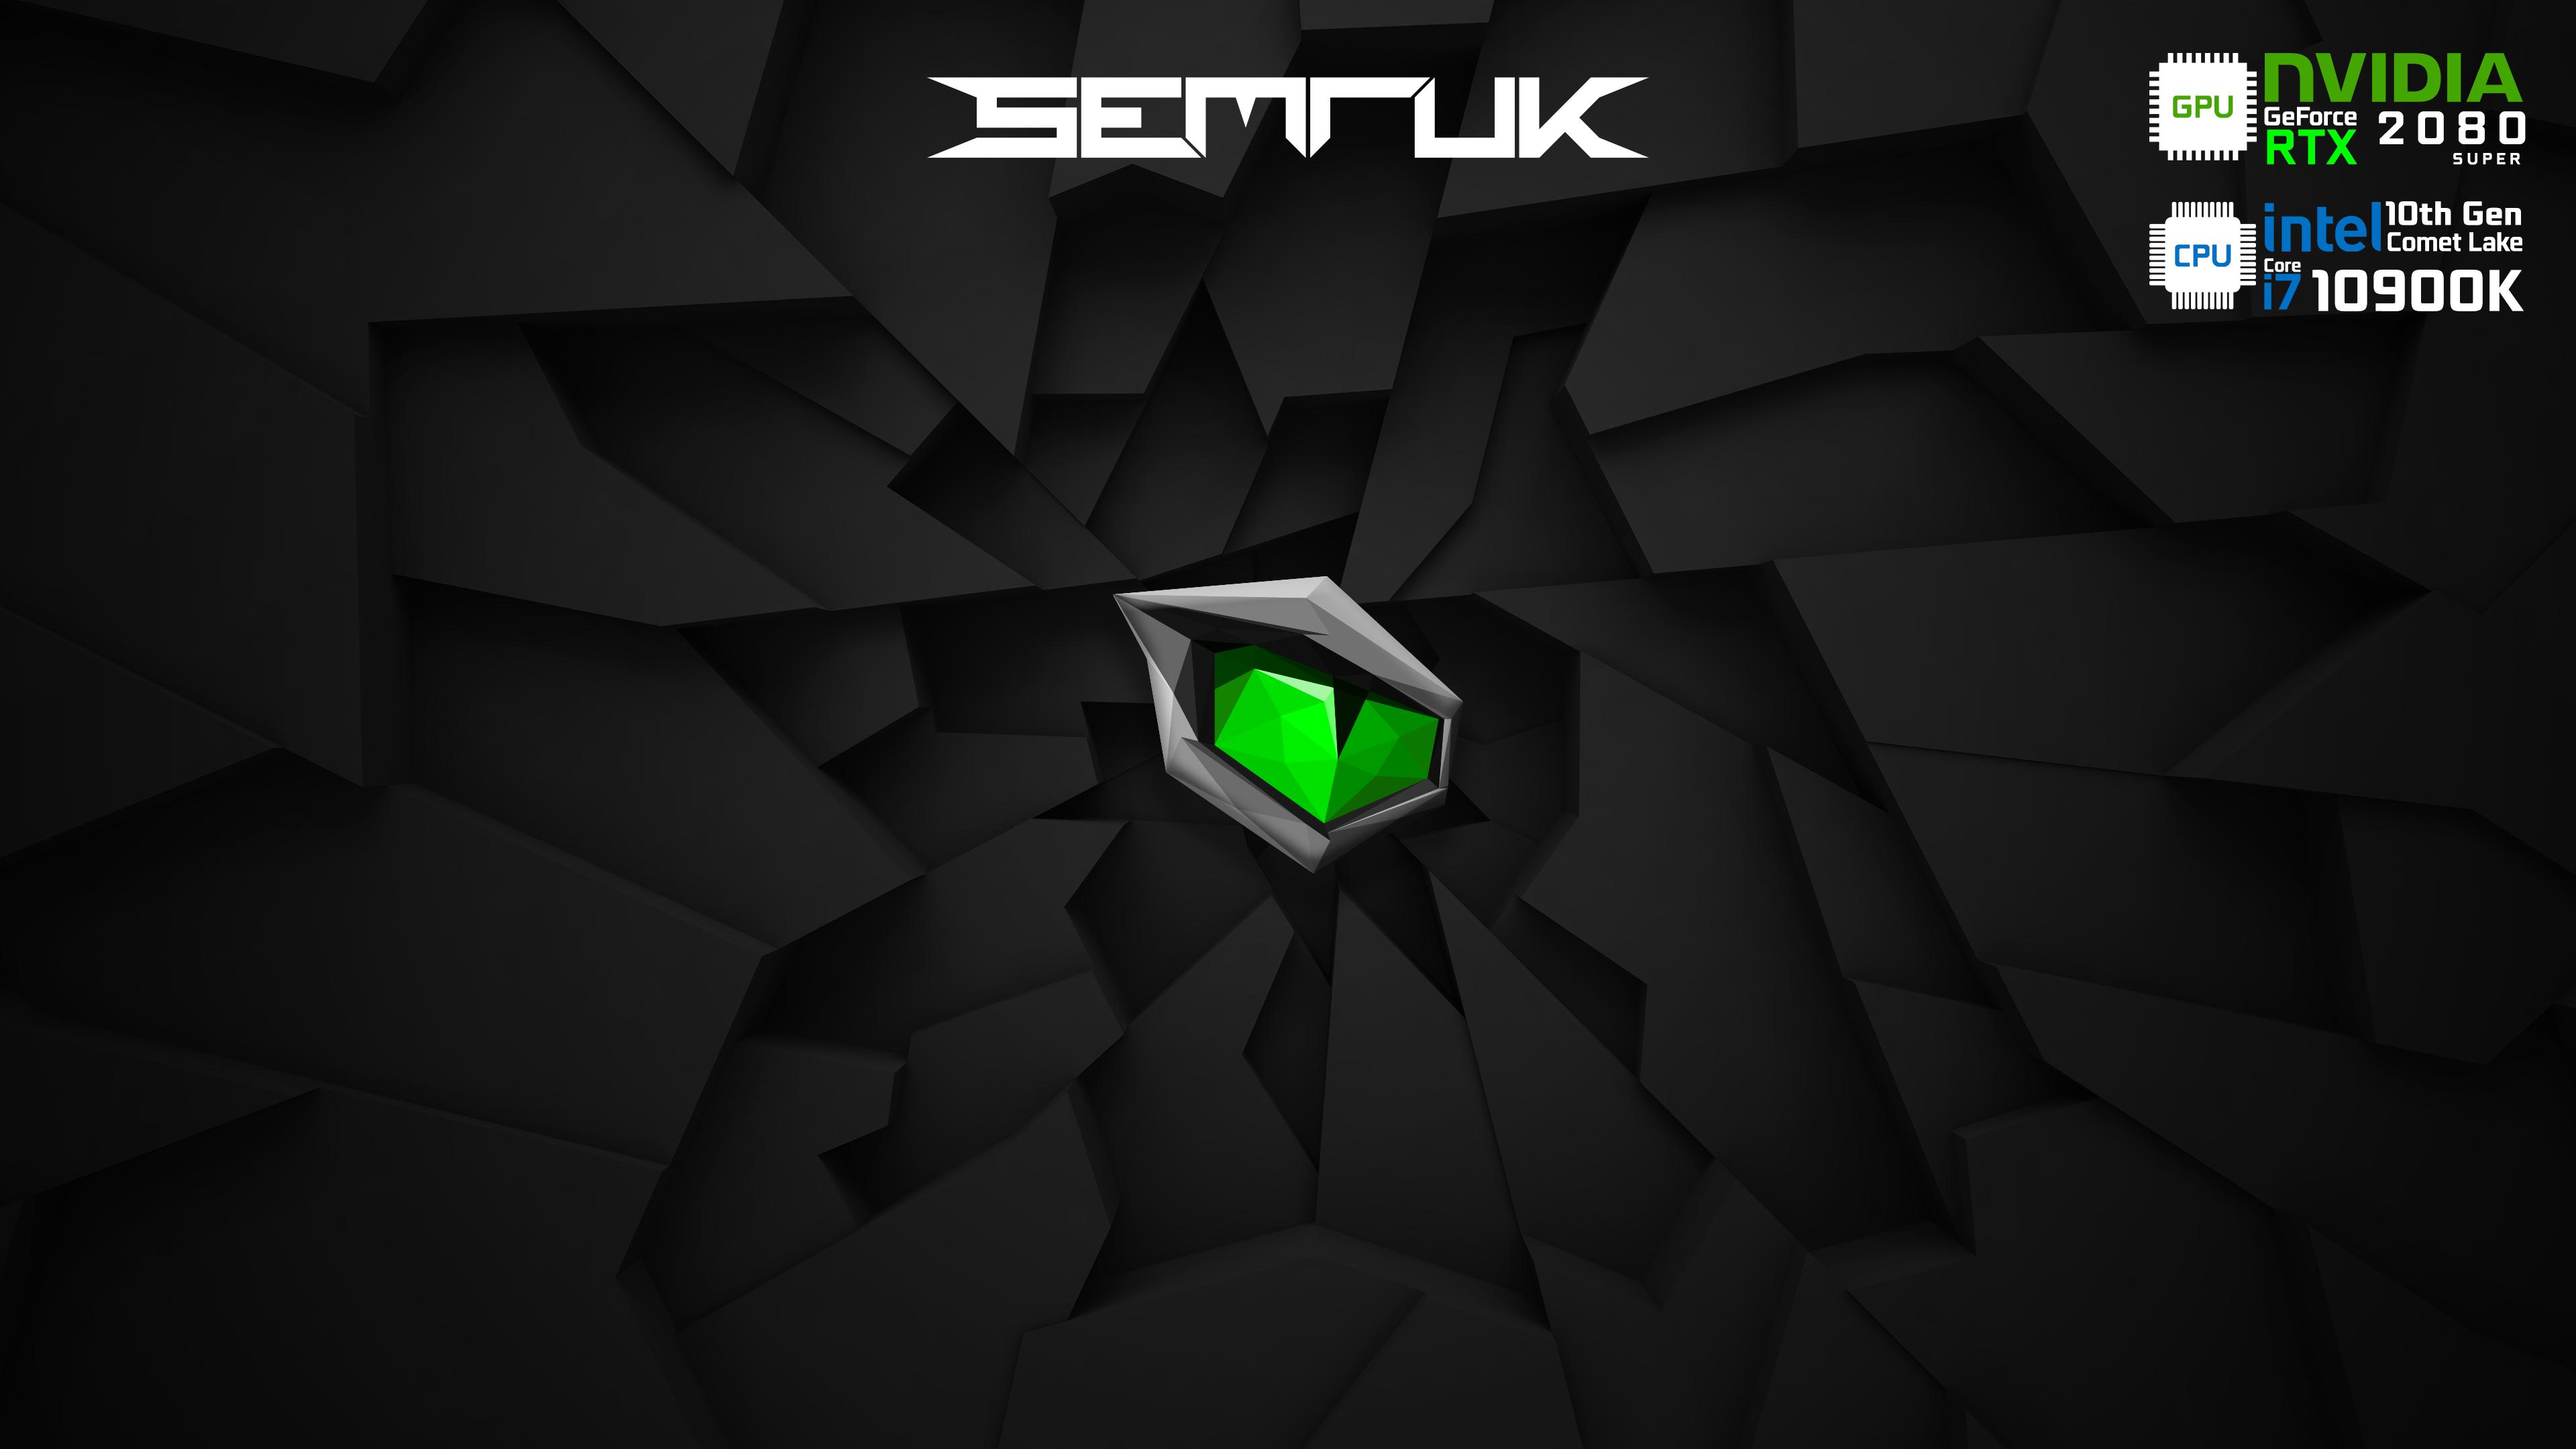 Monster - Semruk - 2080SUPER - i7 - 10900K